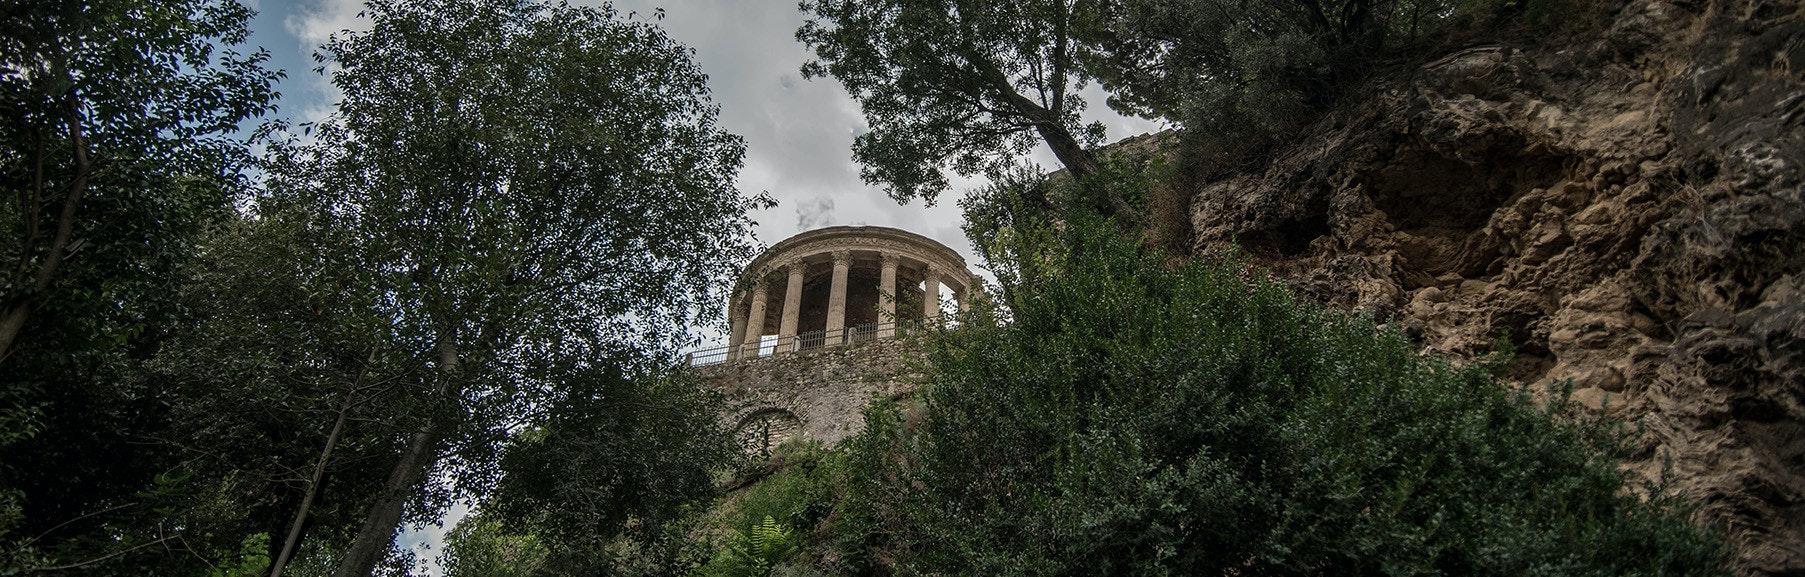 Parco Villa Gregoriana, Tivoli (RM). Foto di  Lucio Lazzara © FAI